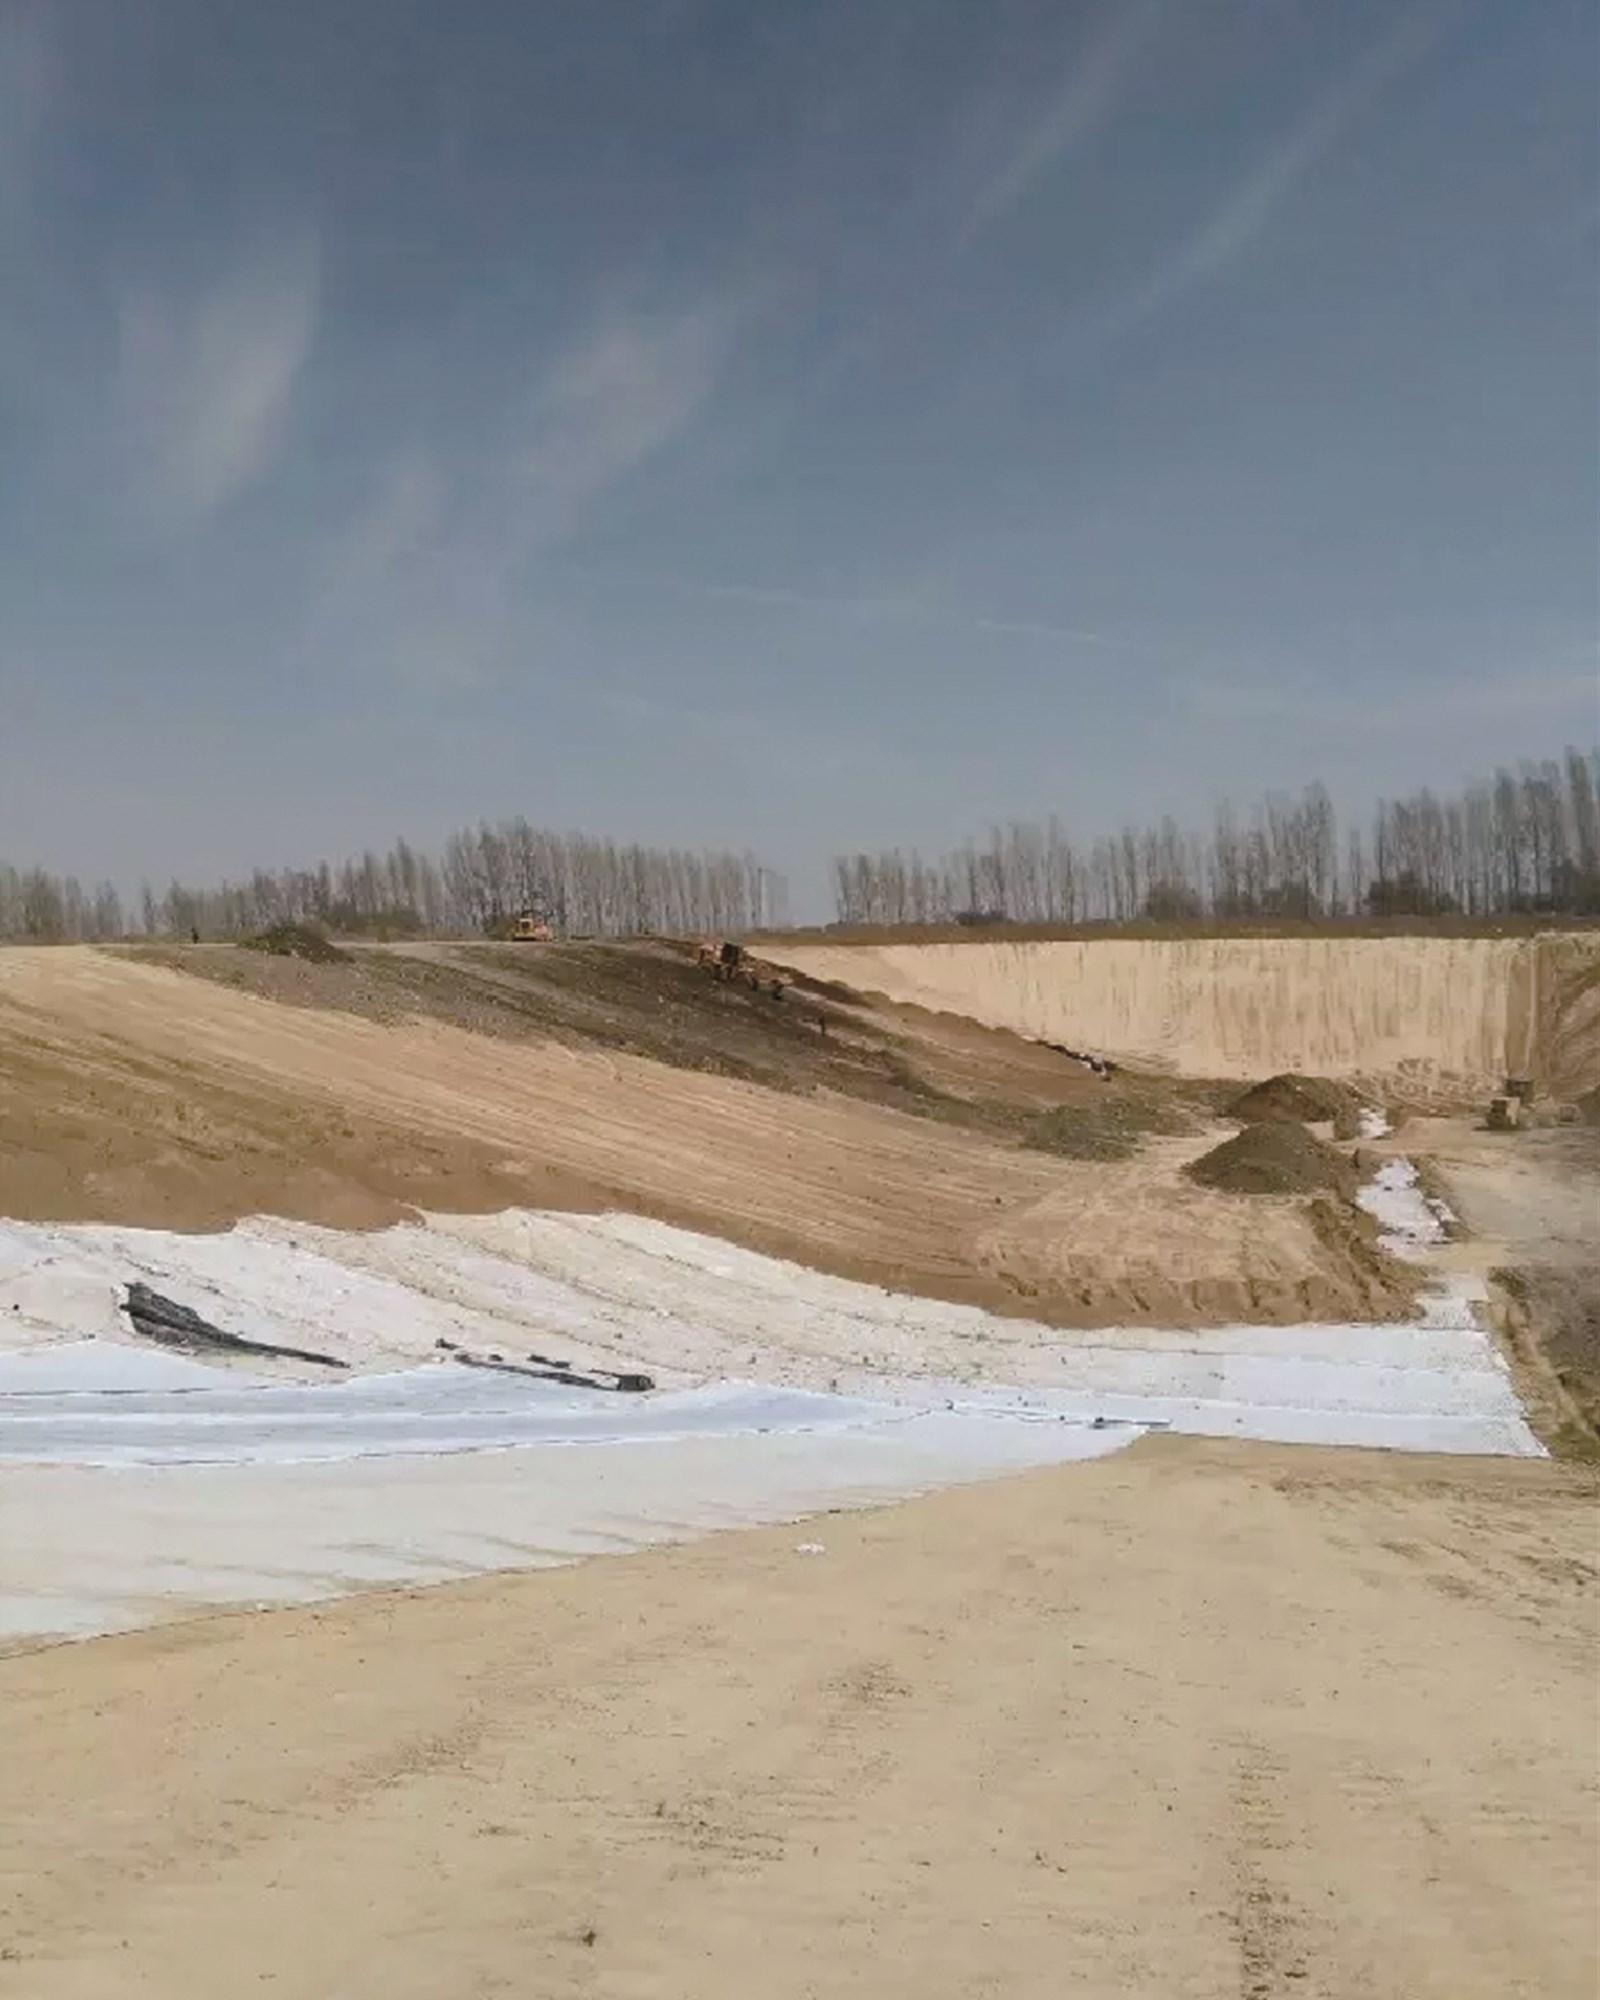 浙江第一水电建设集团新疆伊犁河北岸干渠工程项目